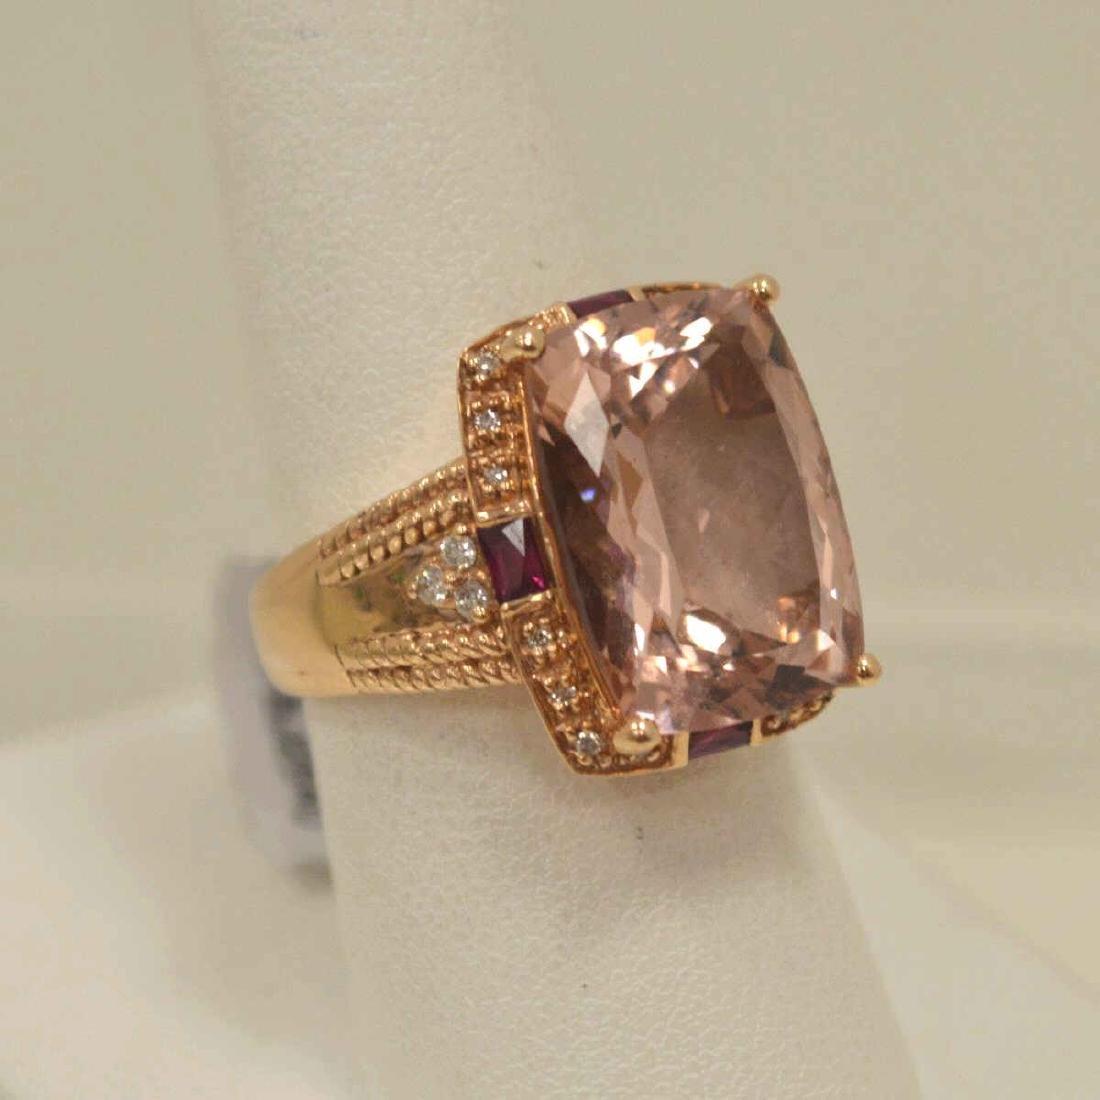 14kt rose gold morganite fashion ring - 2